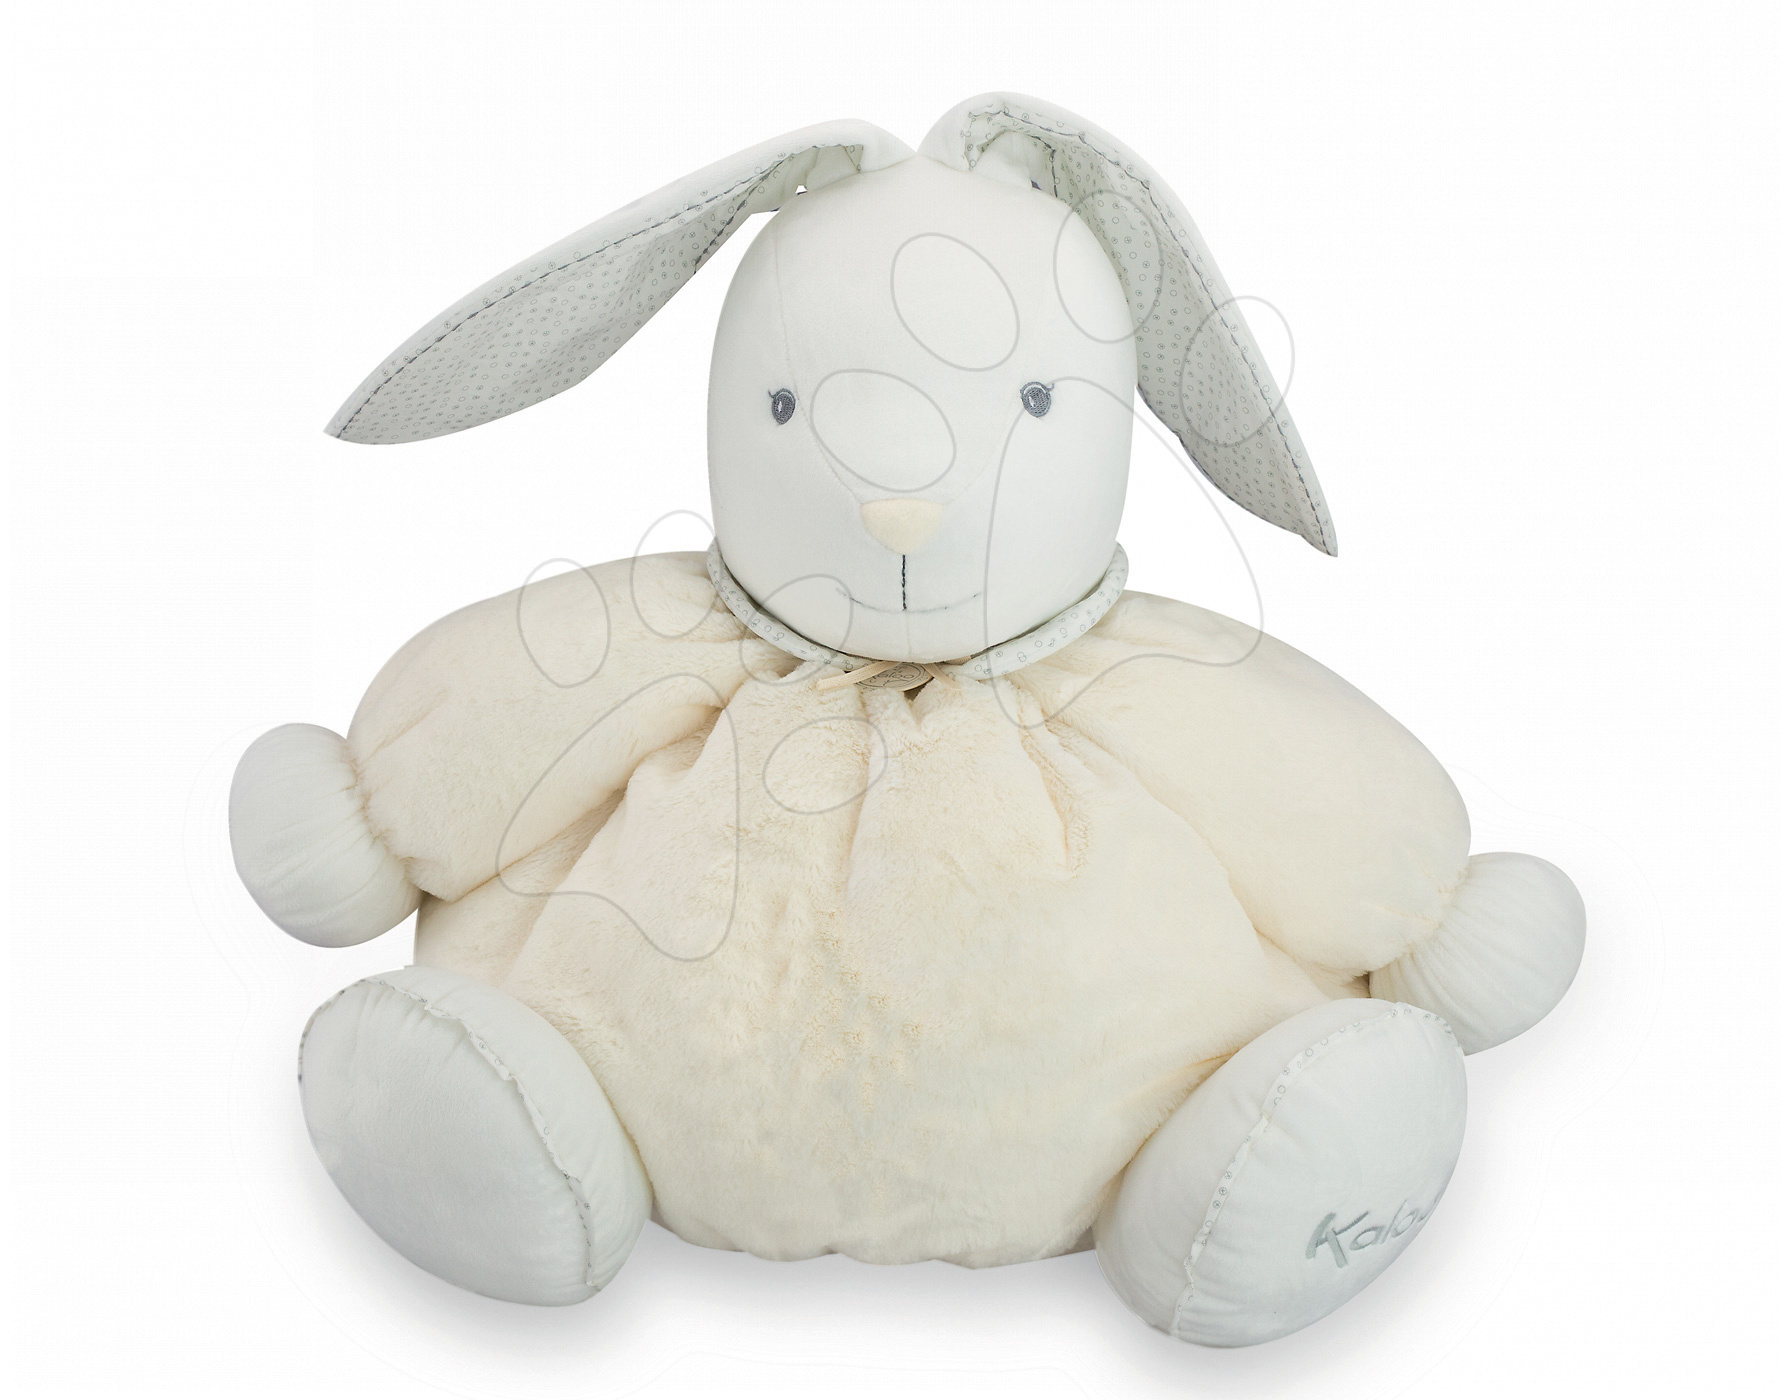 Plyšový králíček Perle-Maxi Rabbit Kaloo 50 cm pro nejmenší krémový